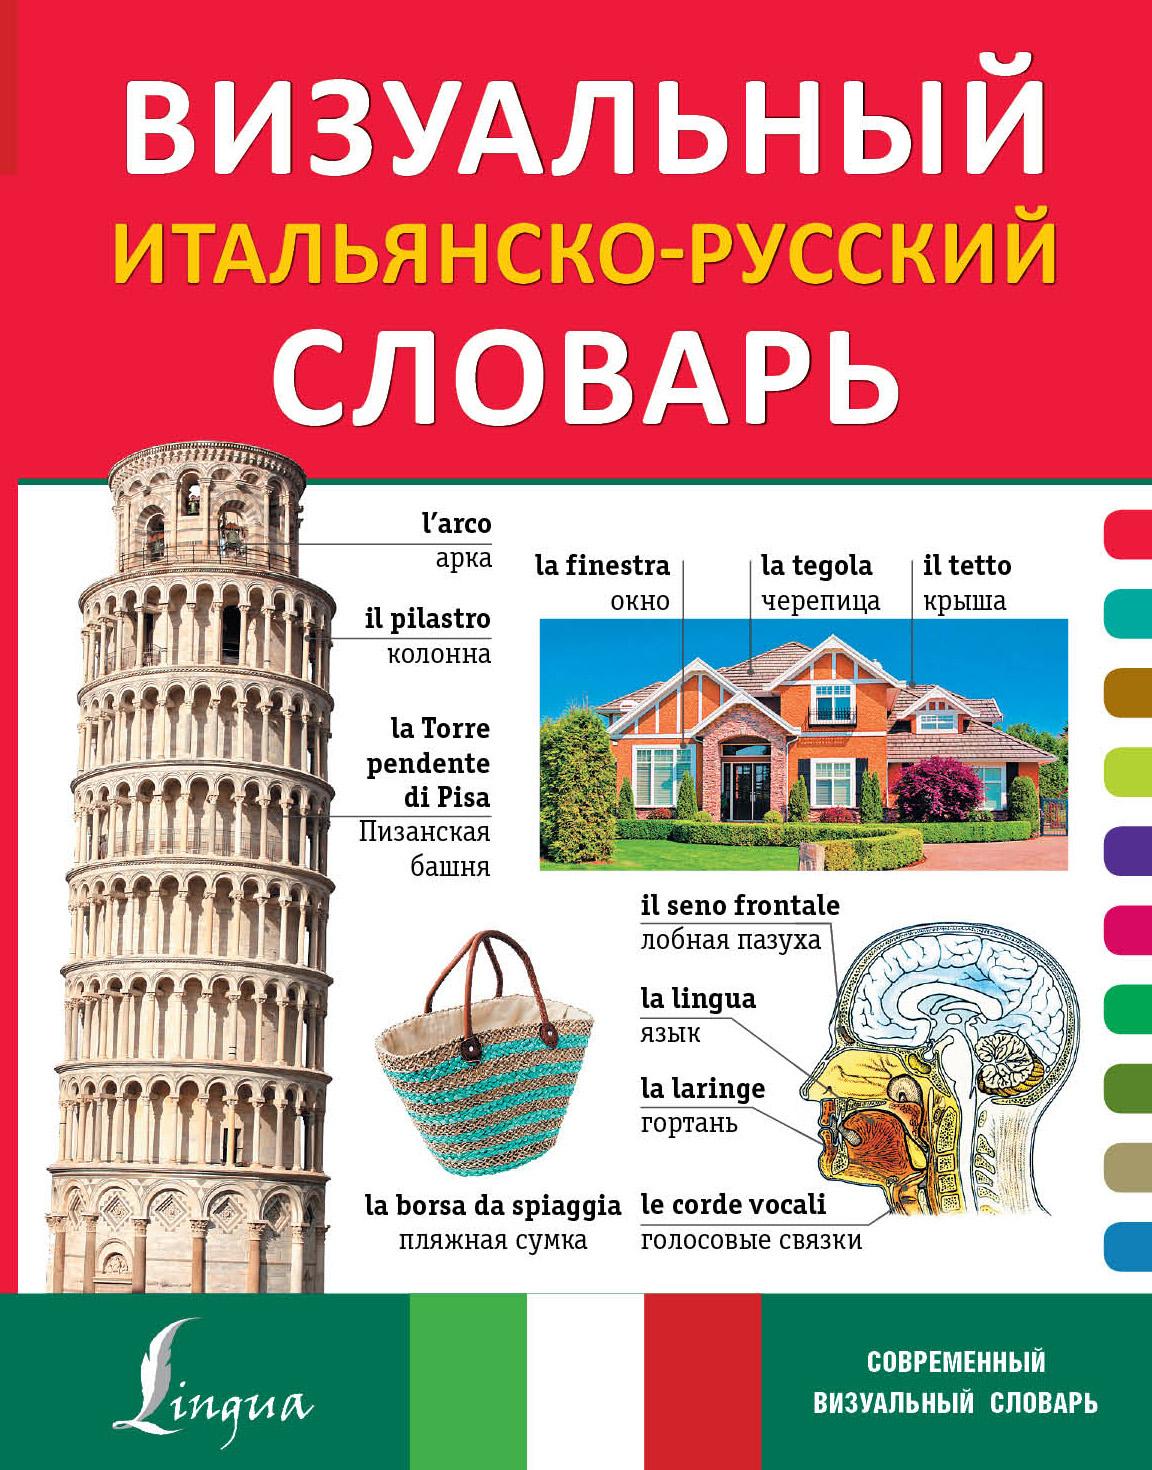 Визуальный итальянско-русский словарь от book24.ru